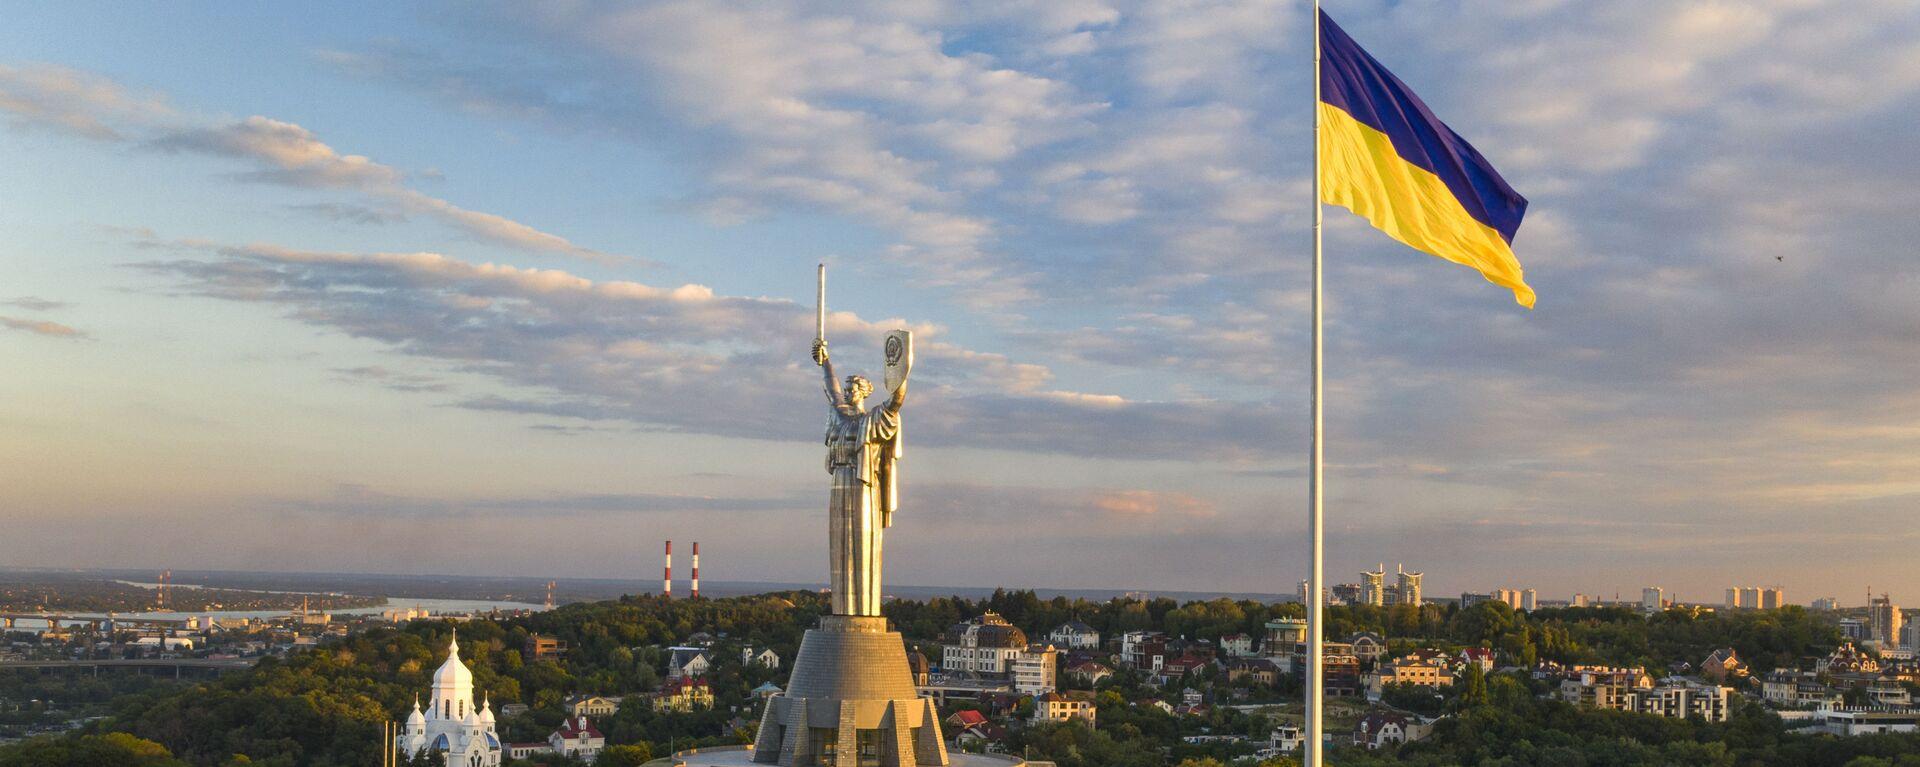 Самый большой флаг Украины - Sputnik Таджикистан, 1920, 06.08.2021